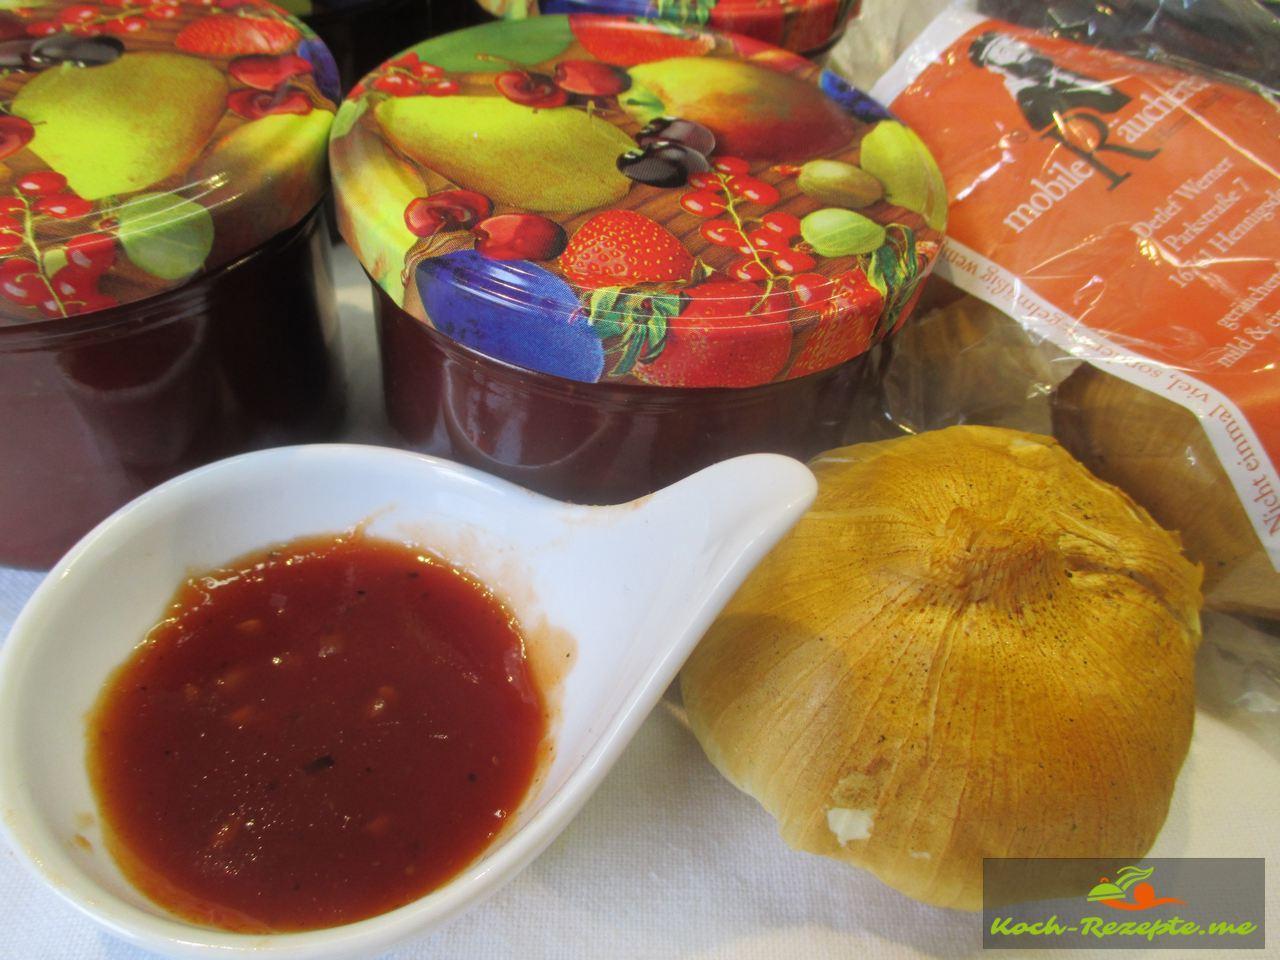 Mit Räucherknoblauch von der Mobilen Räucherei Hennigsdorf für die Tomatenmarmelade